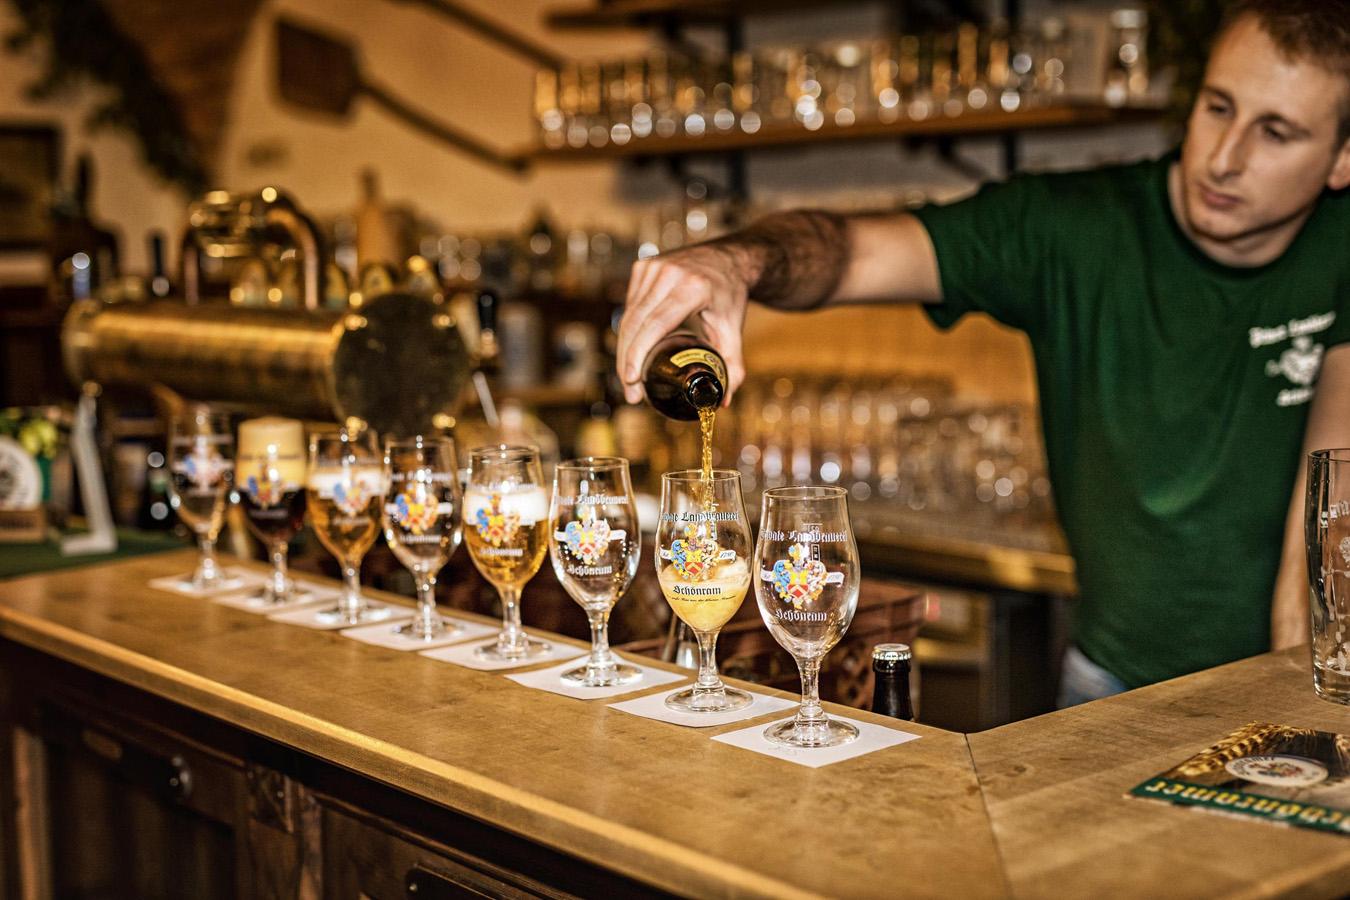 Ausschank Bierverkostung in Bayern: Landbrauerei Schönram